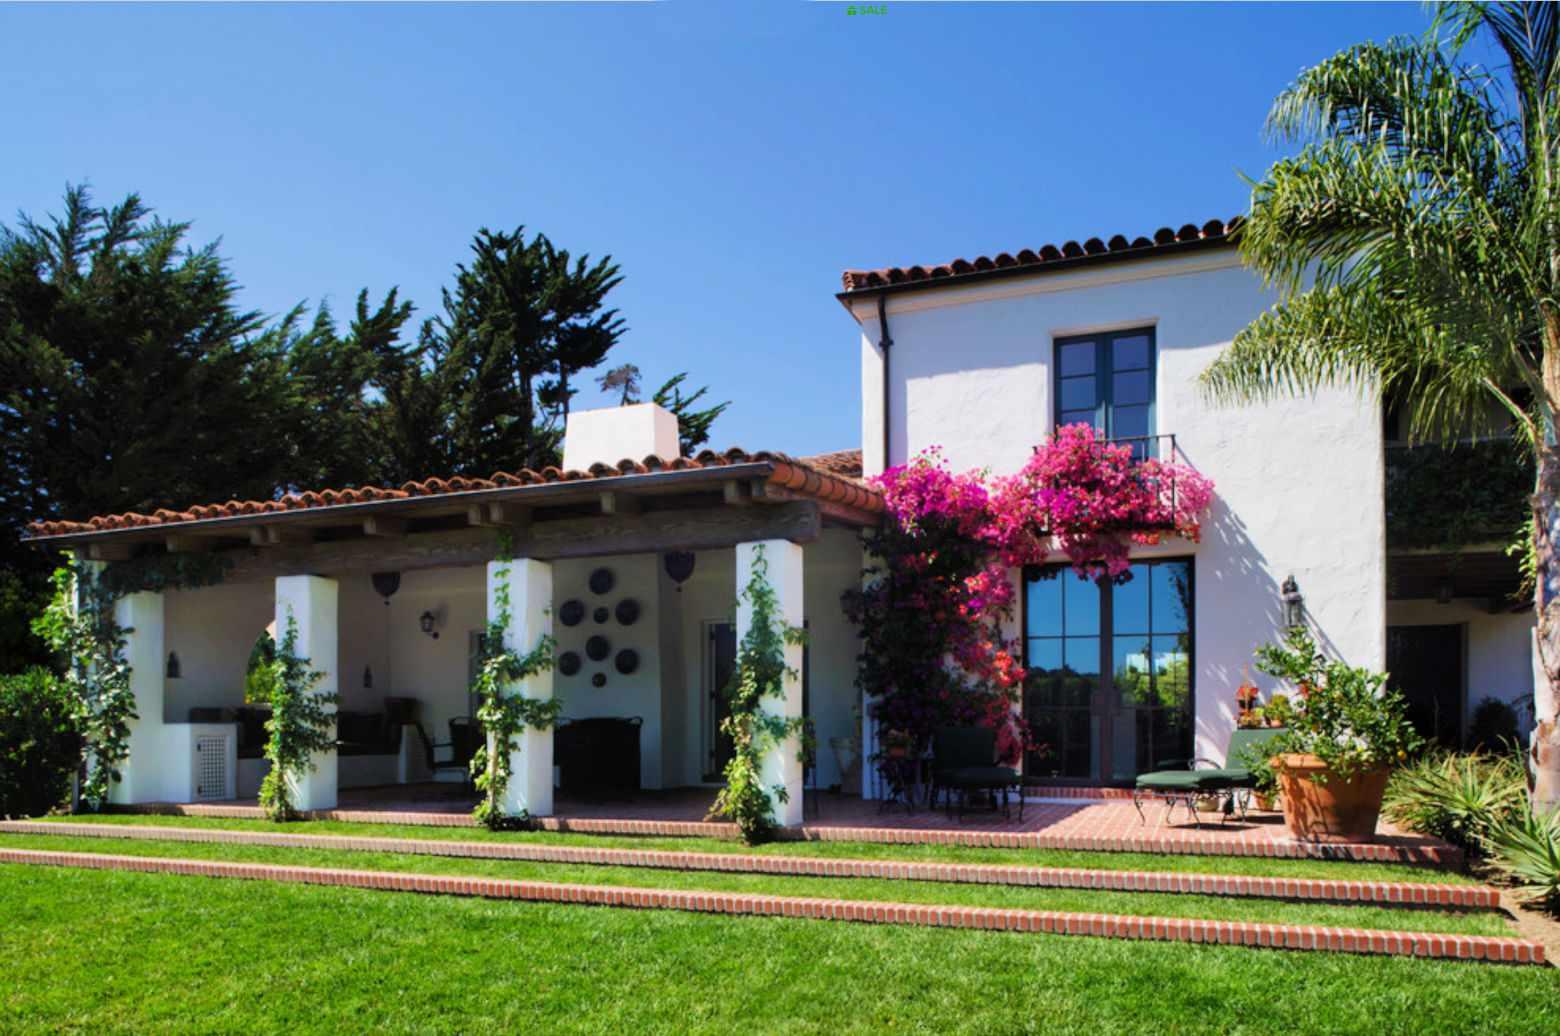 casa mediterránea Montecito